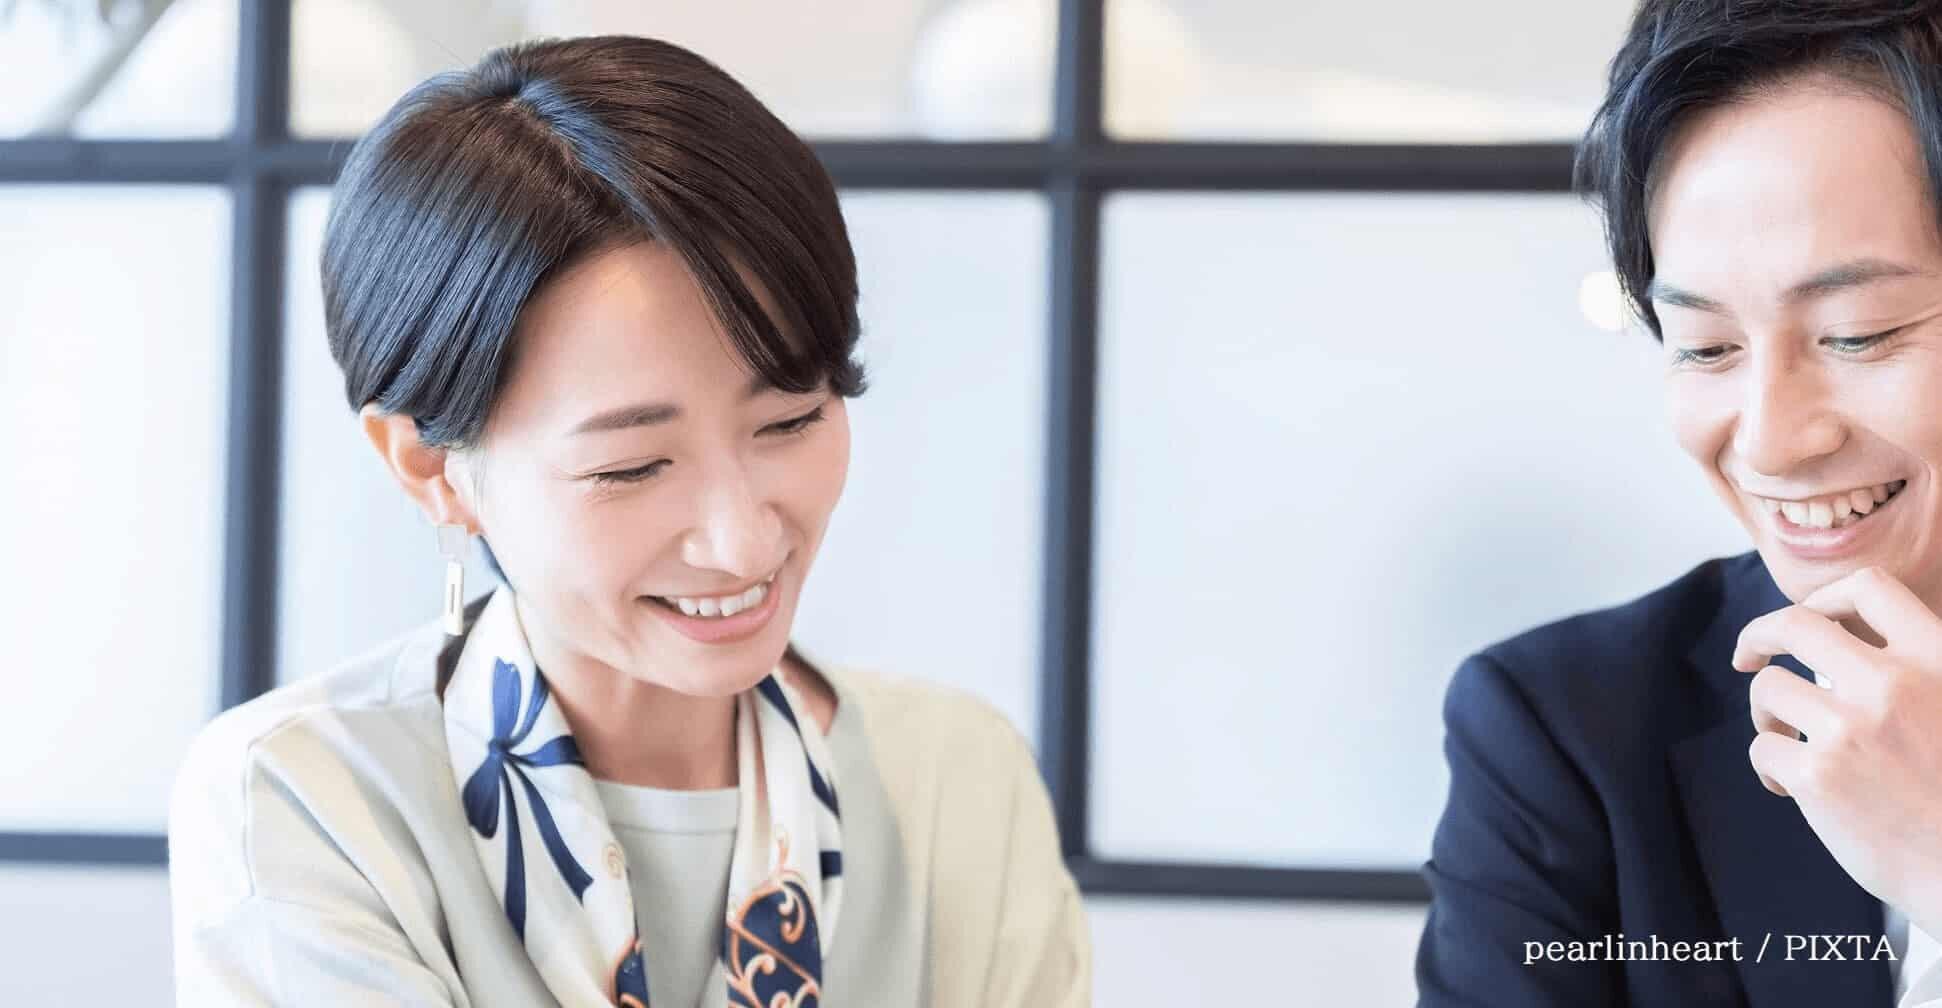 「業務」と「職務」のちがい―新入社員に伝えたいメッセージ